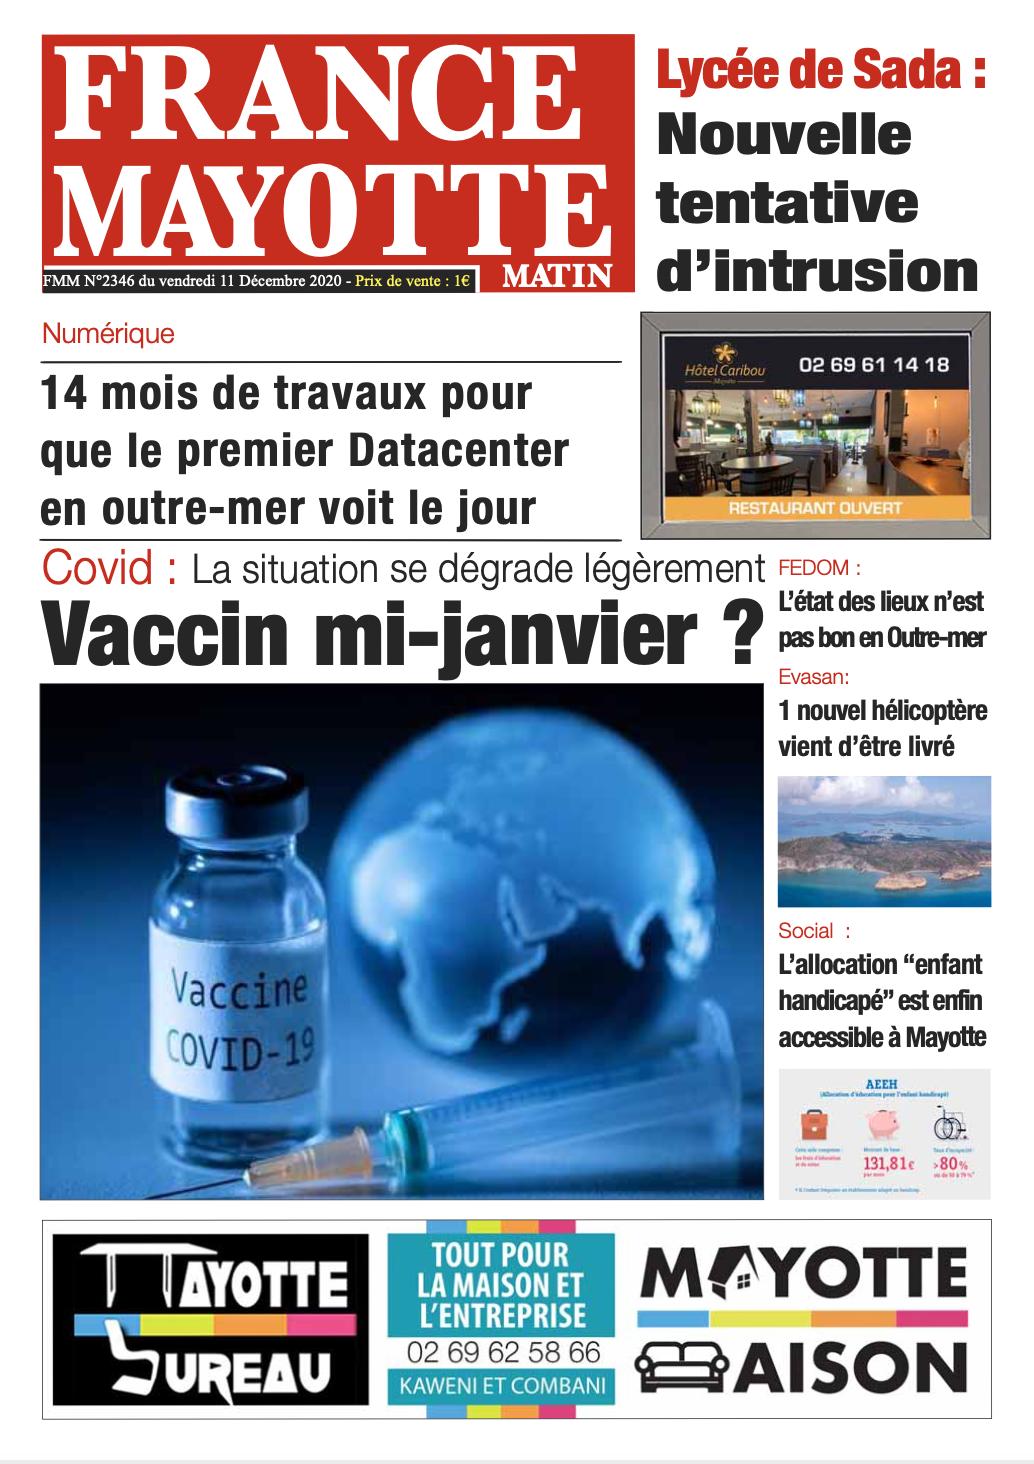 France Mayotte Vendredi 11 décembre 2020